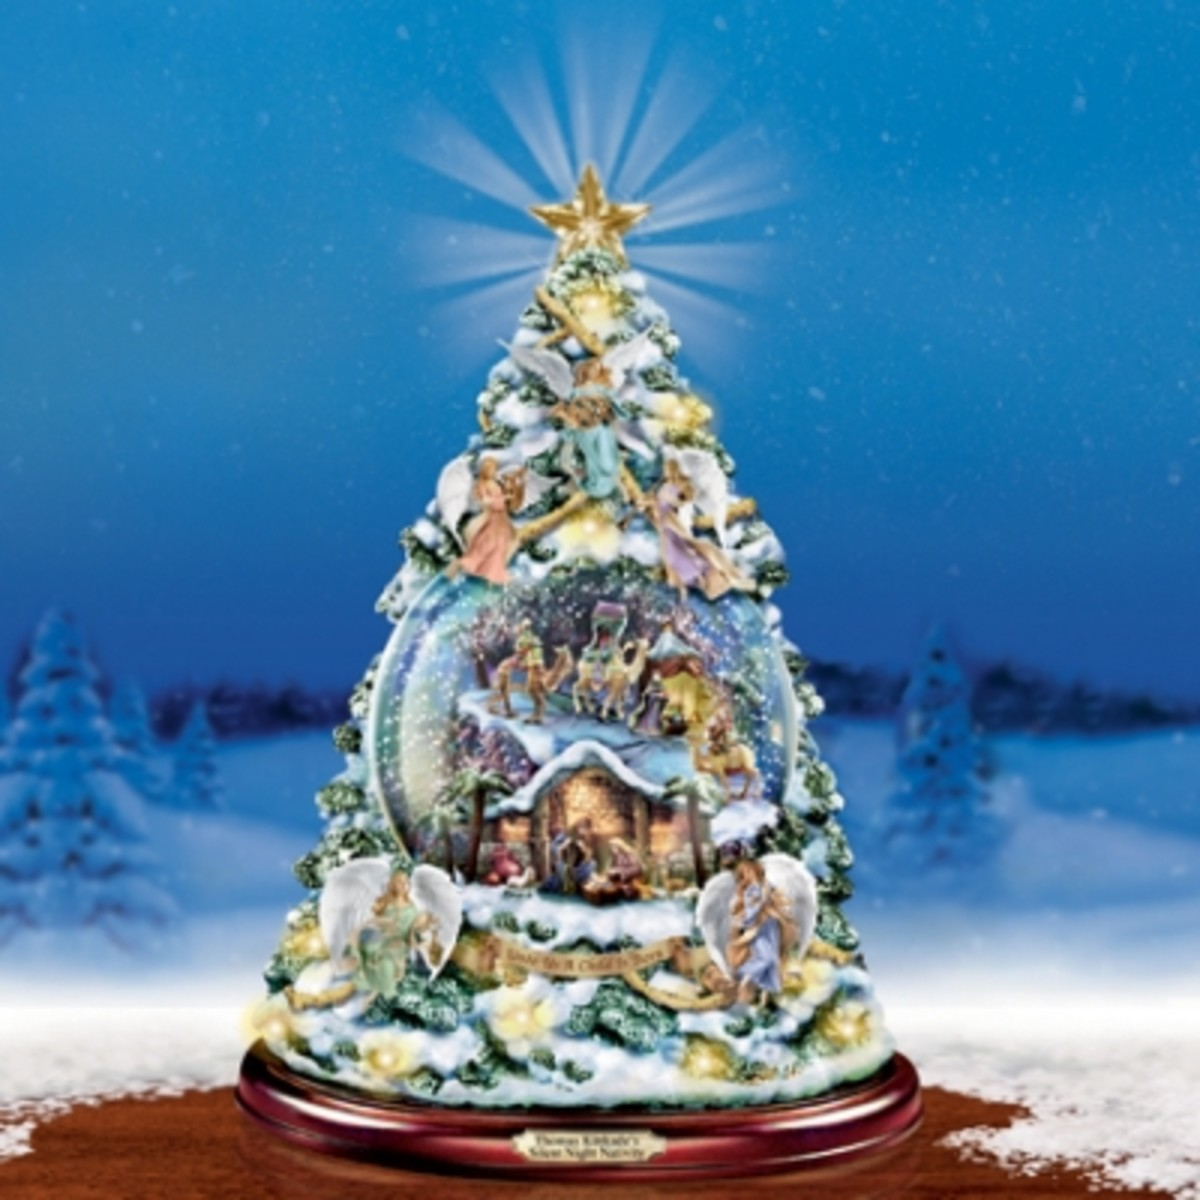 Thomas Kinkade Silent Night Christmas Tree